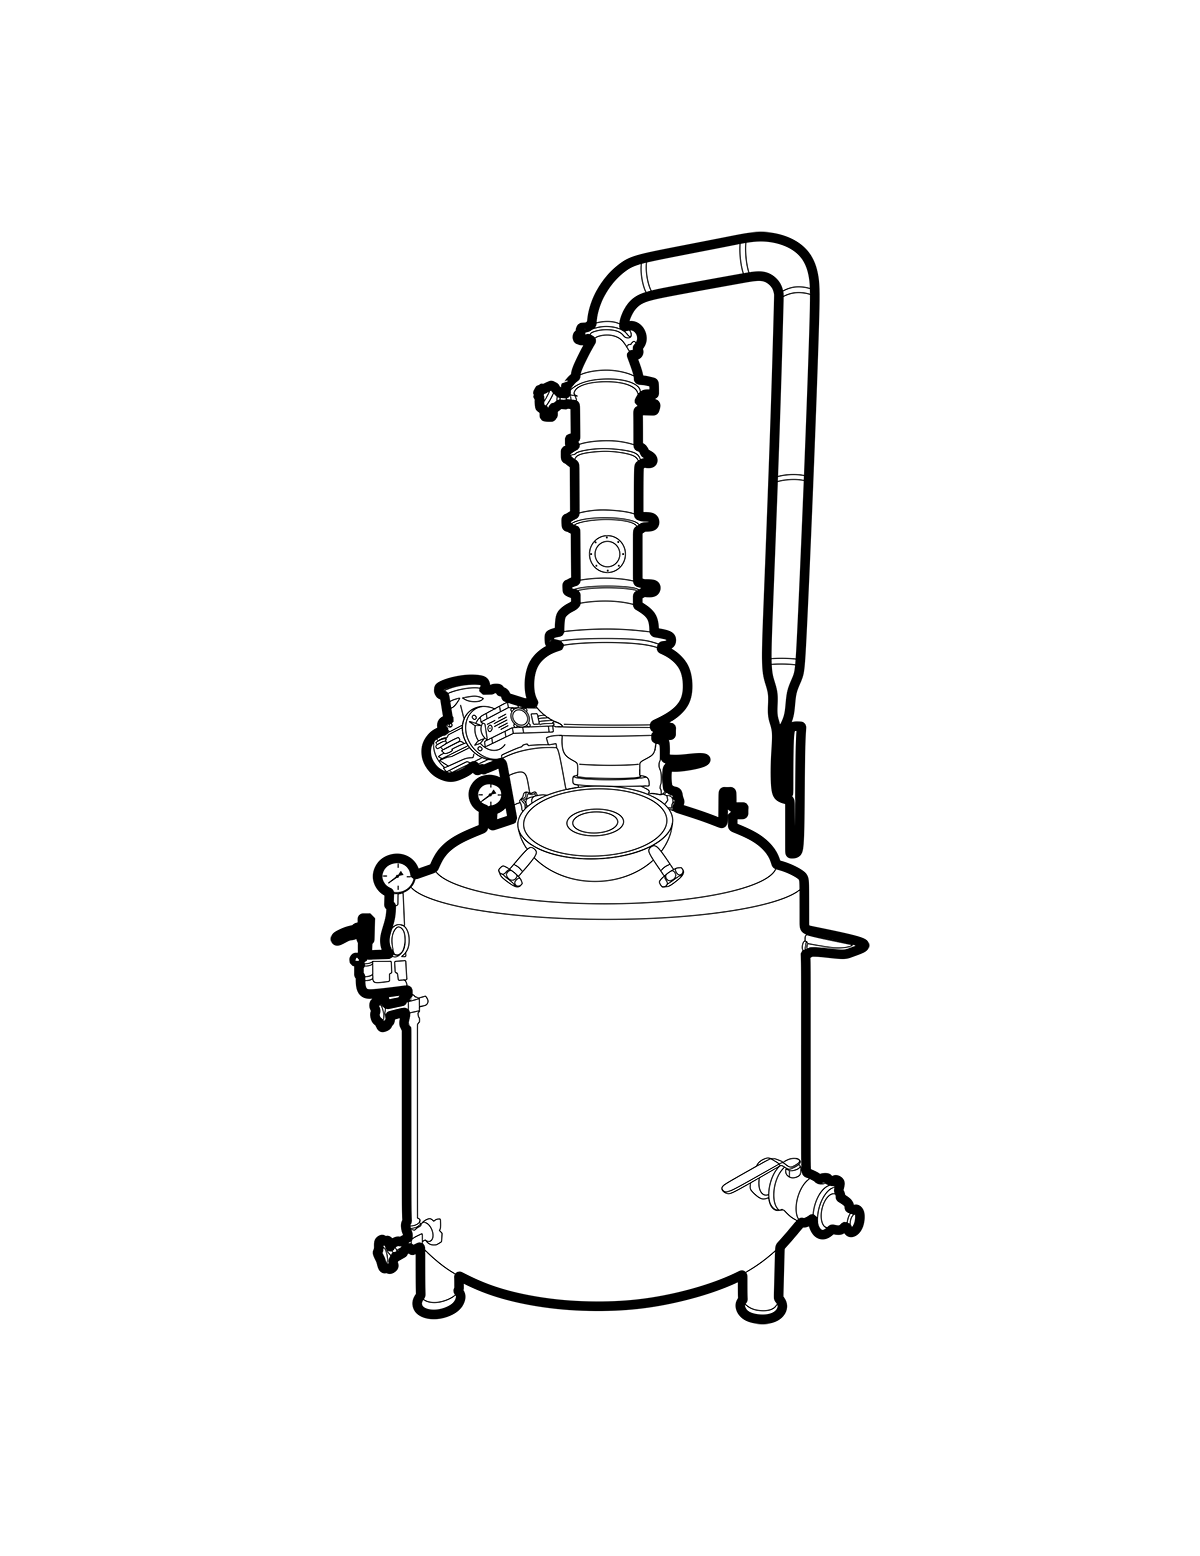 Line drawing of a distillery still